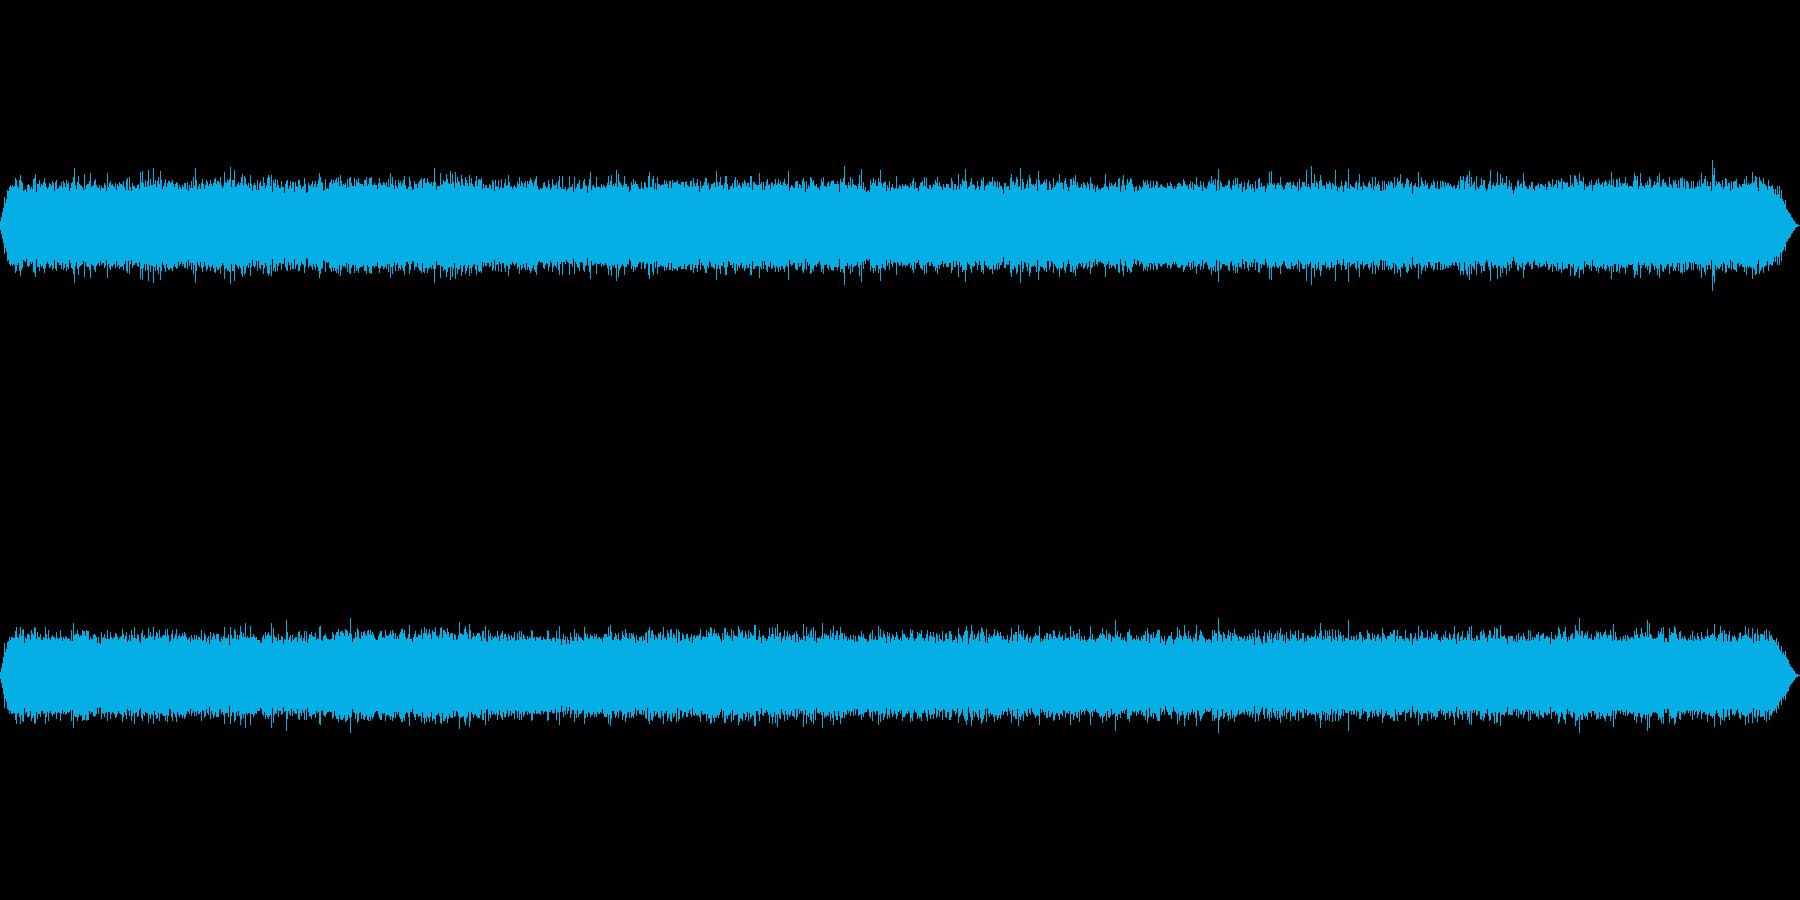 滝音~中くらいの滝 北海道【生録音】の再生済みの波形